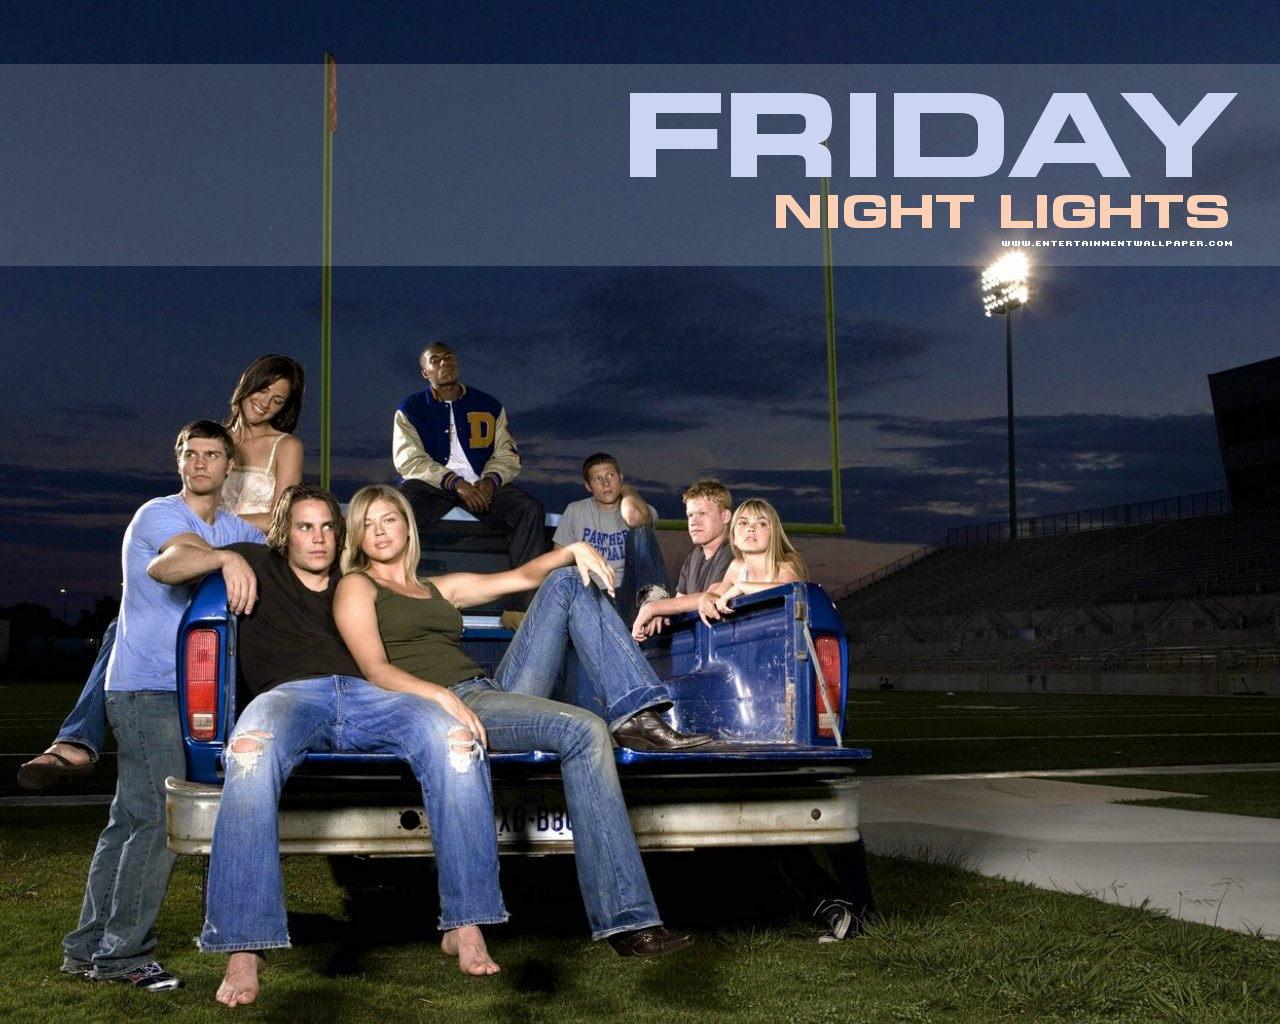 Friday Night Lights TV Wallpaper   20014114 1280x1024 1280x1024